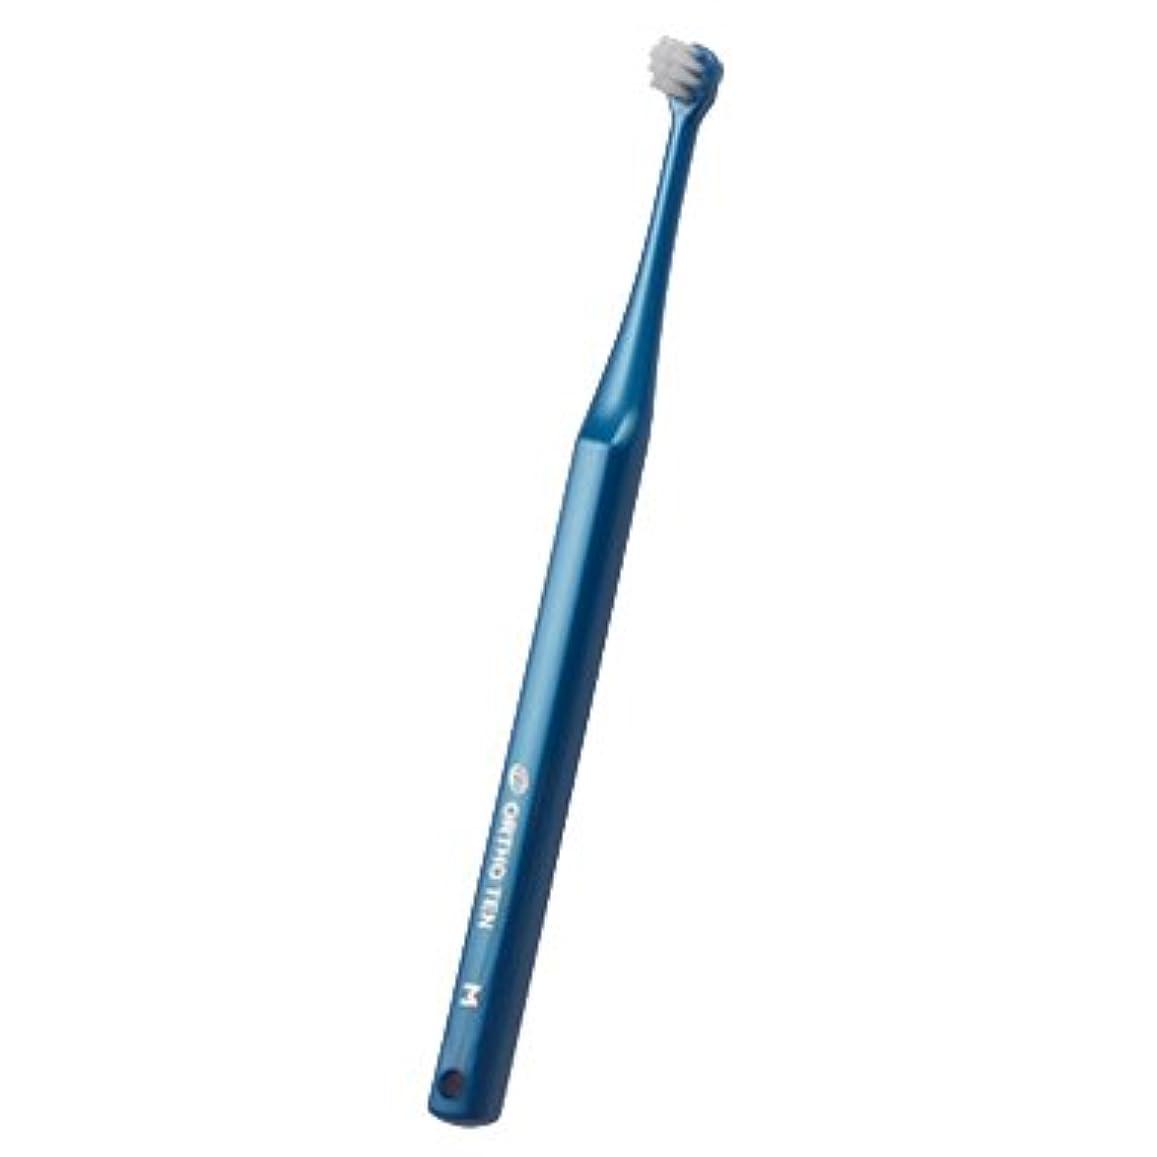 すみません救い穴オーラルケア ORTHOTEN オーソテン 歯ブラシ 1本 規格パールブルー